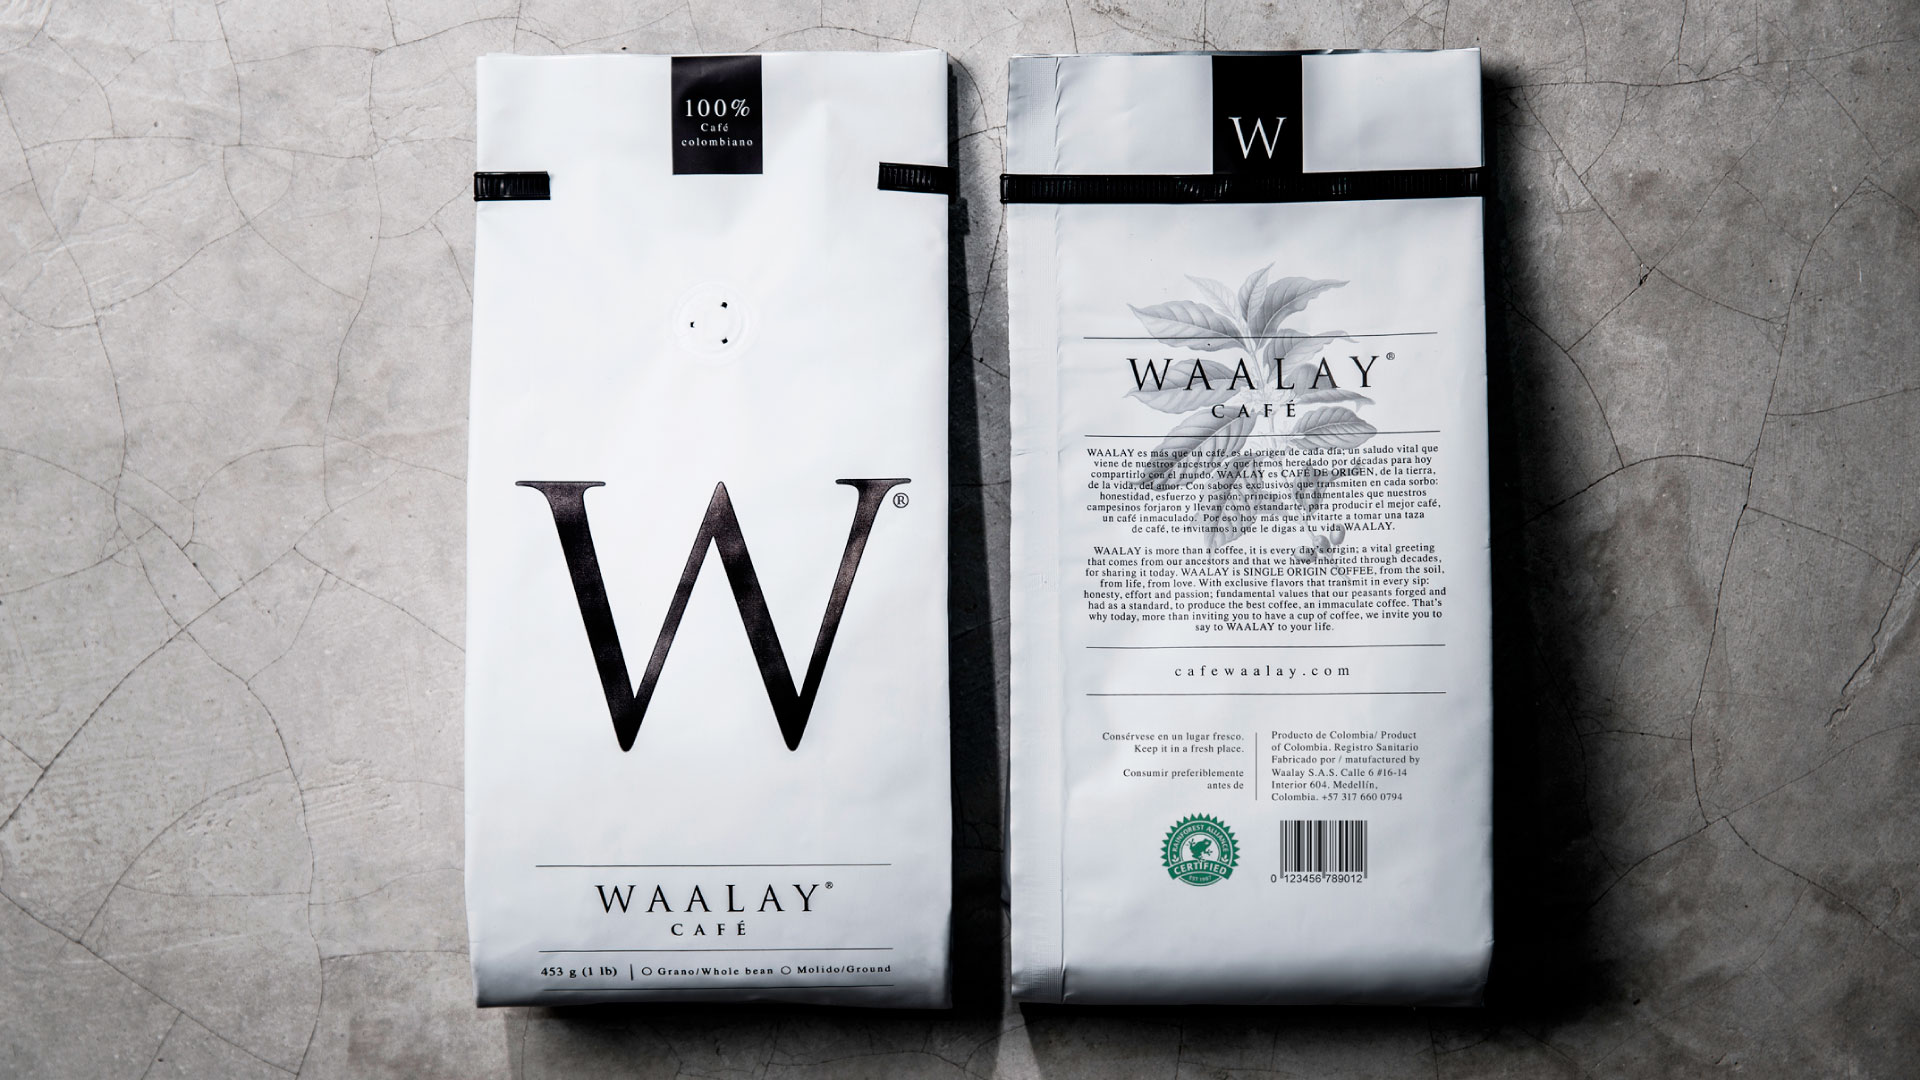 Waalay